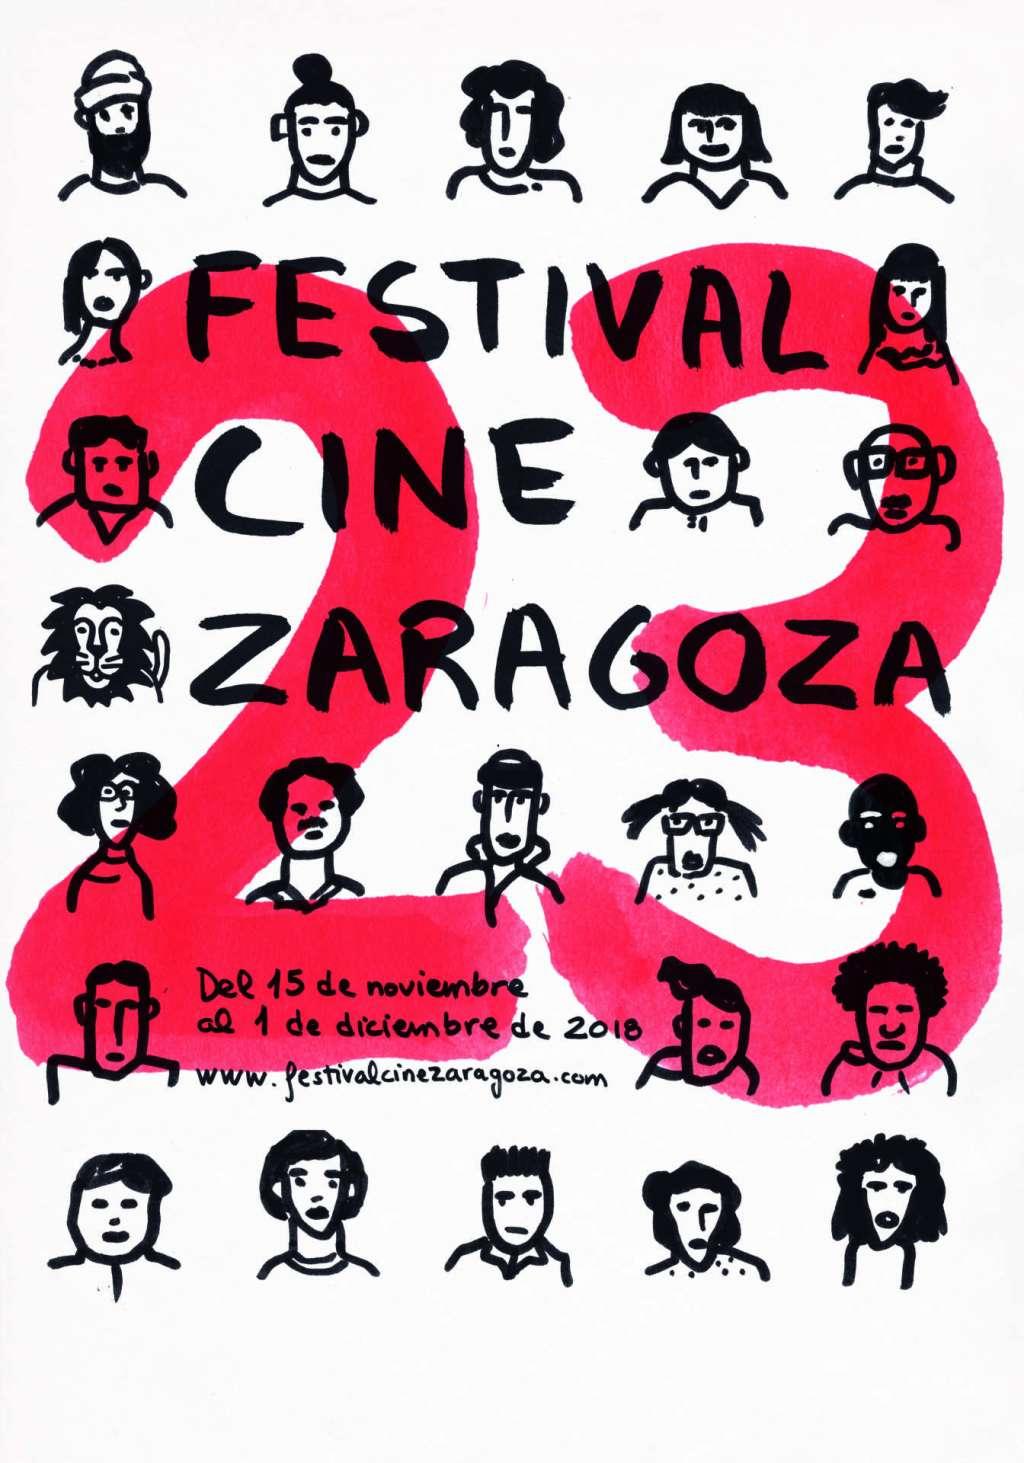 XXIII Edición Festival Internacional de Cine de Zaragoza - Cartel ganador obra de Gorka Aizpurua Serrano